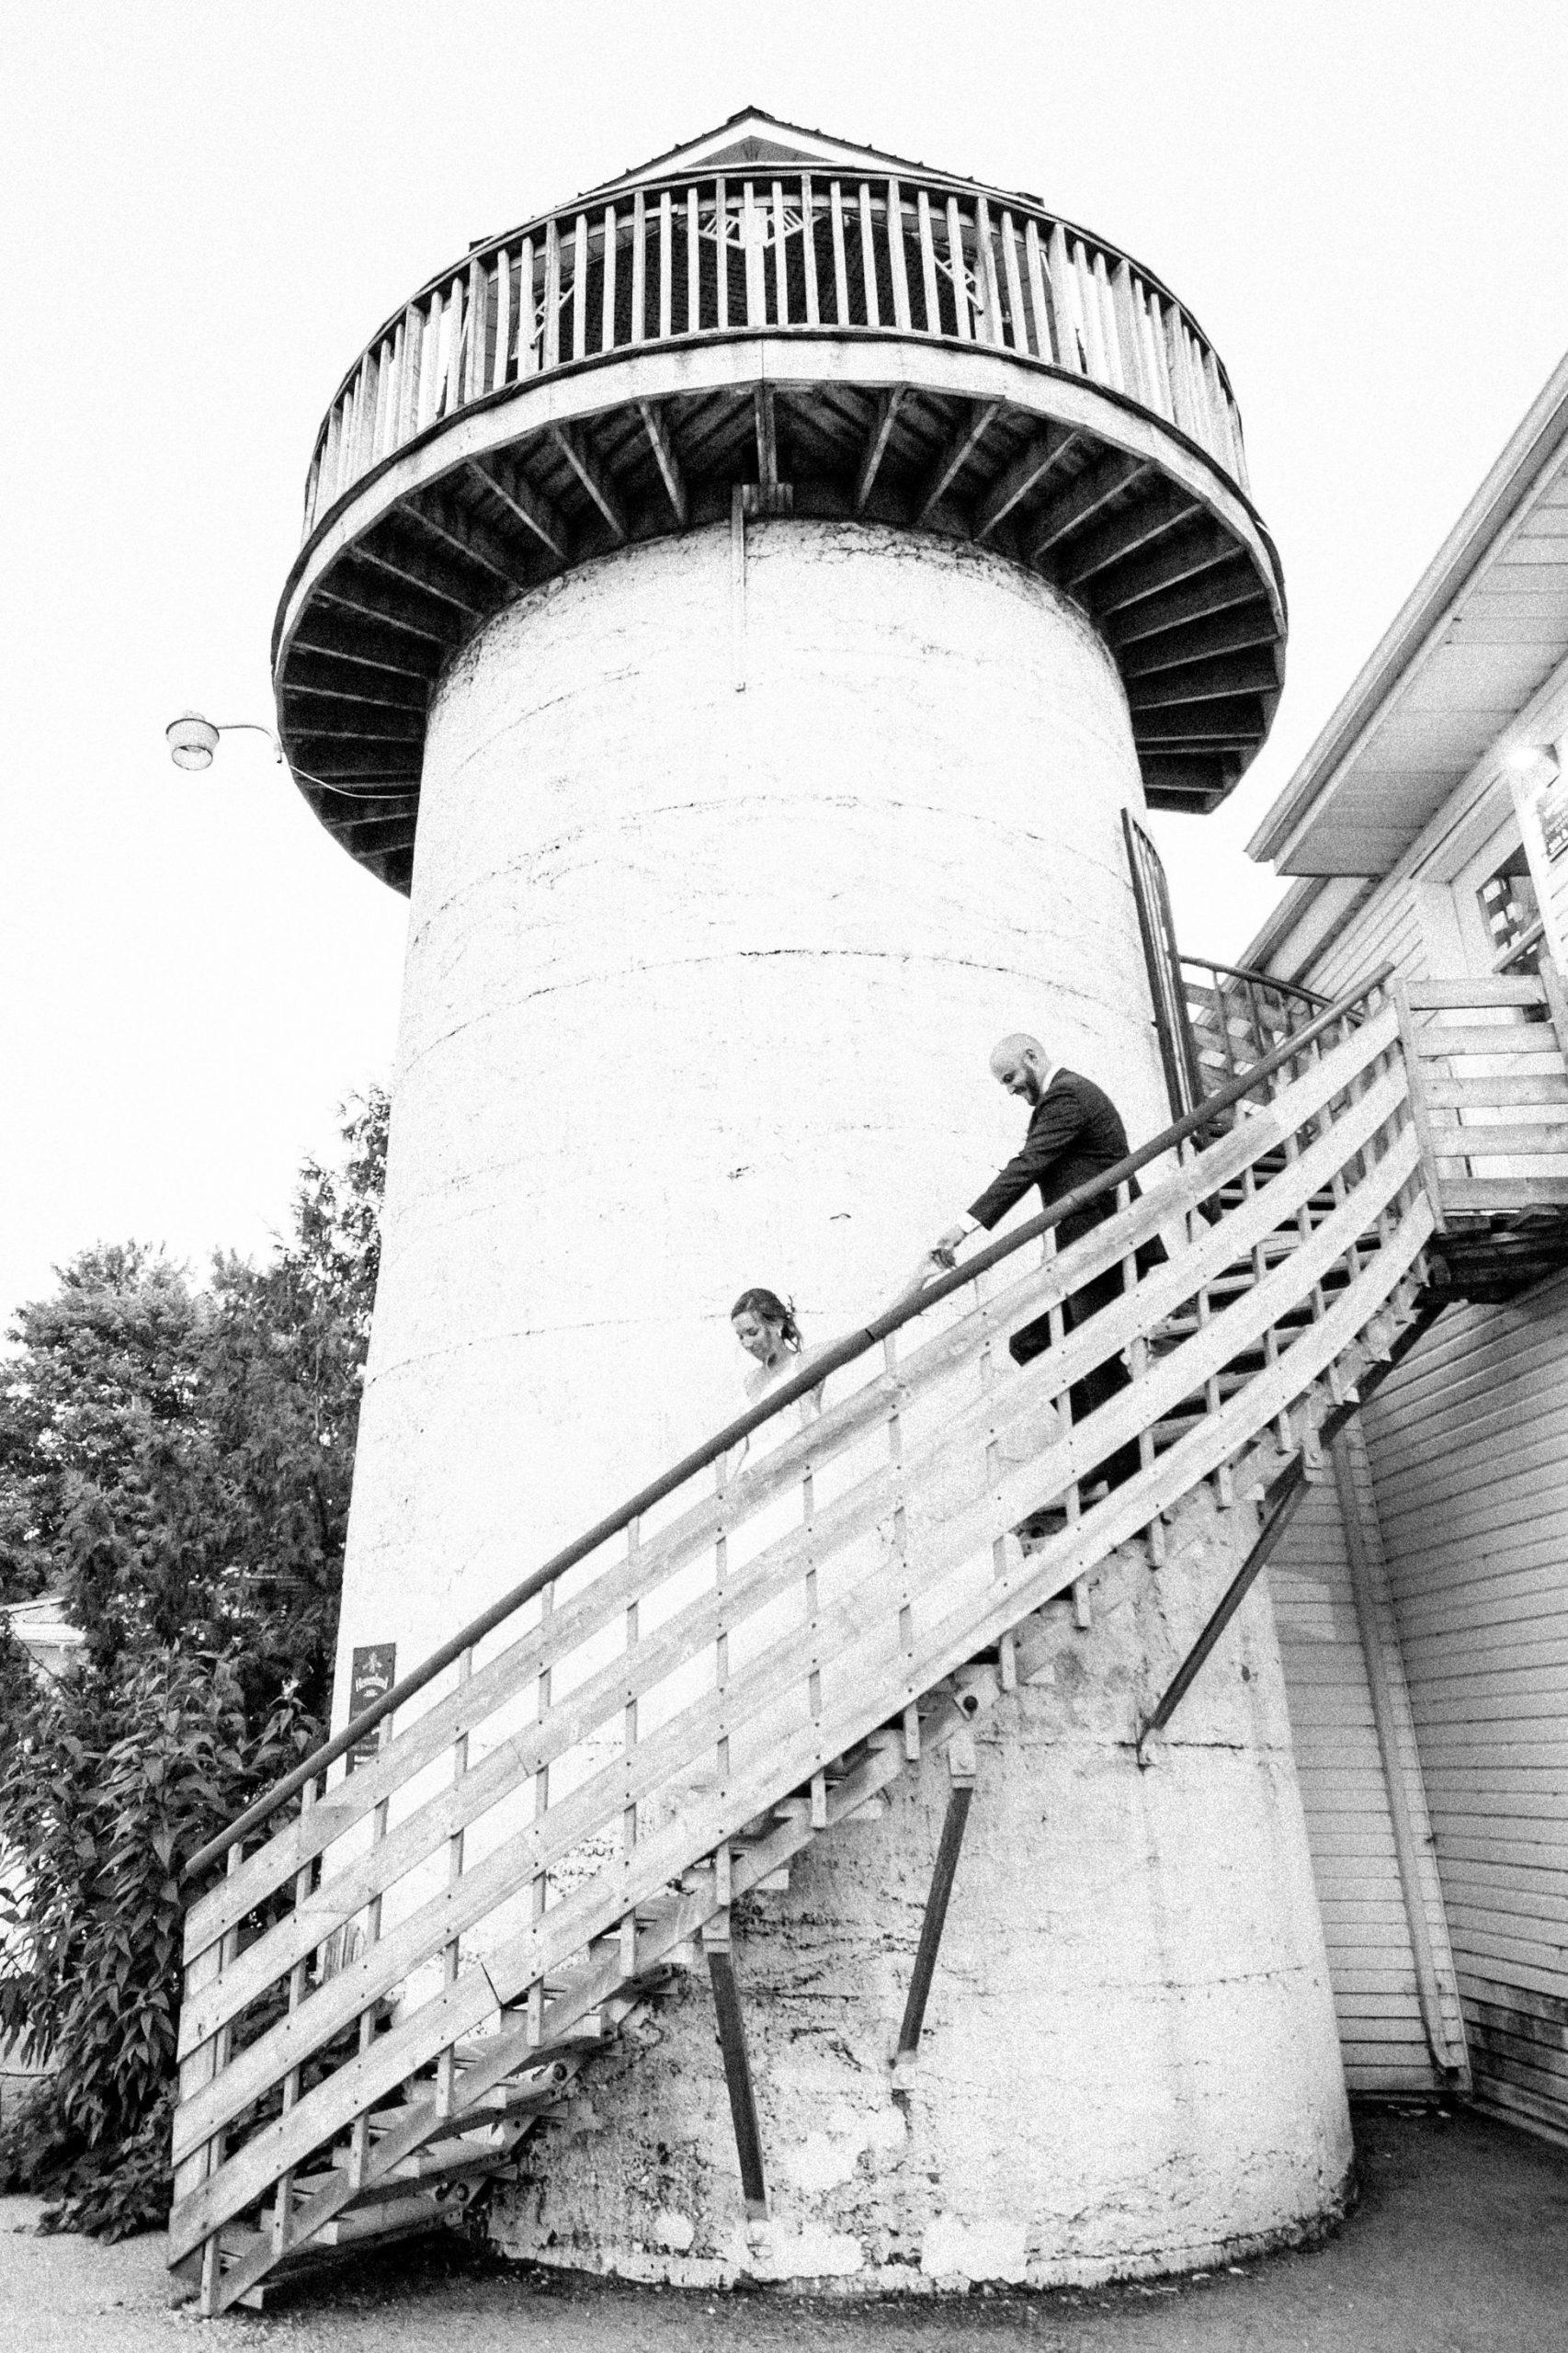 Tower - Hessenland Inn & Schatz Winery